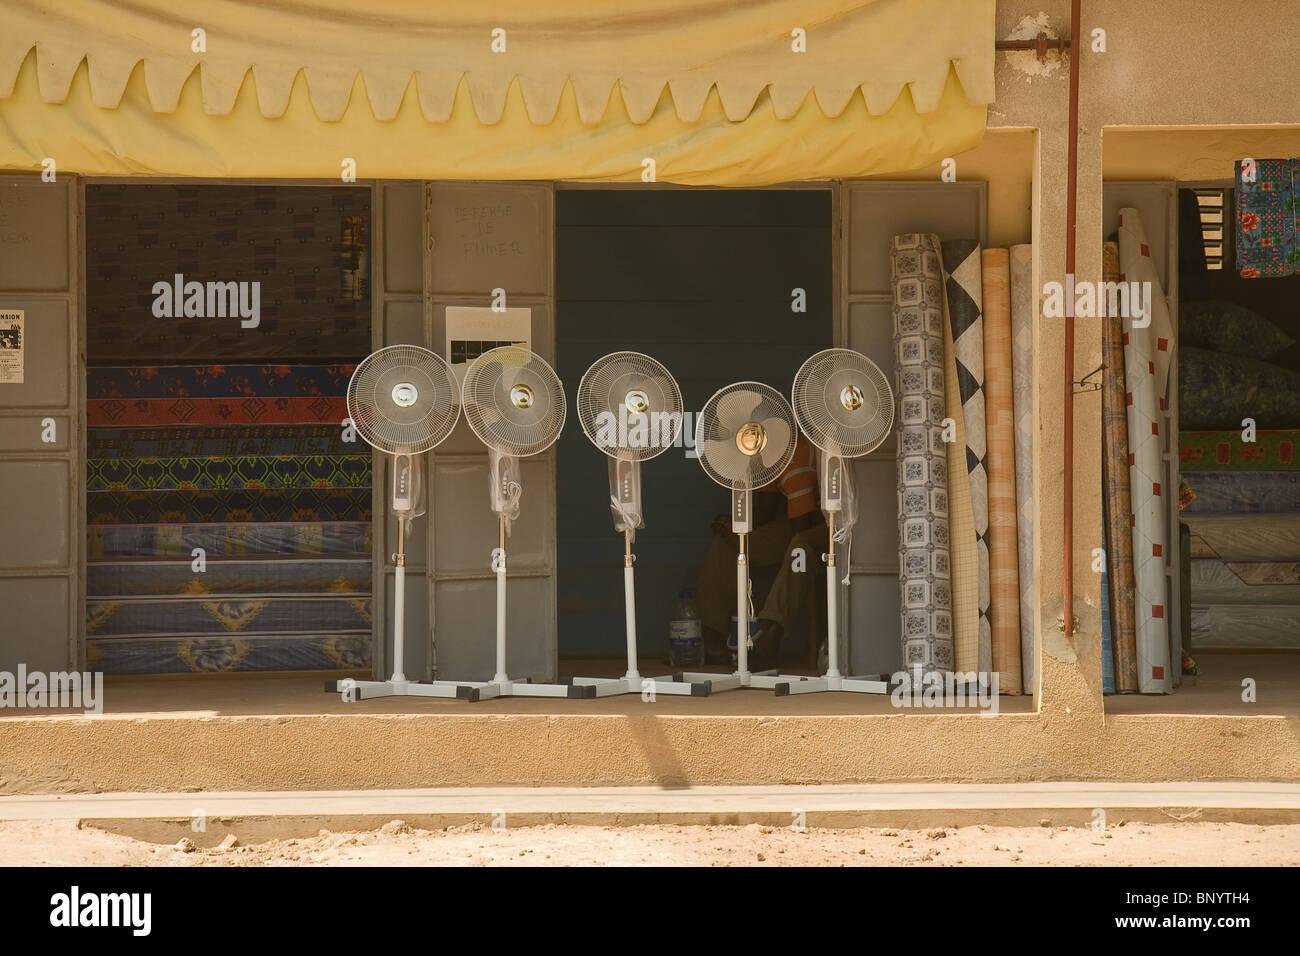 Ventilateurs électriques au Sénégal Photo Stock